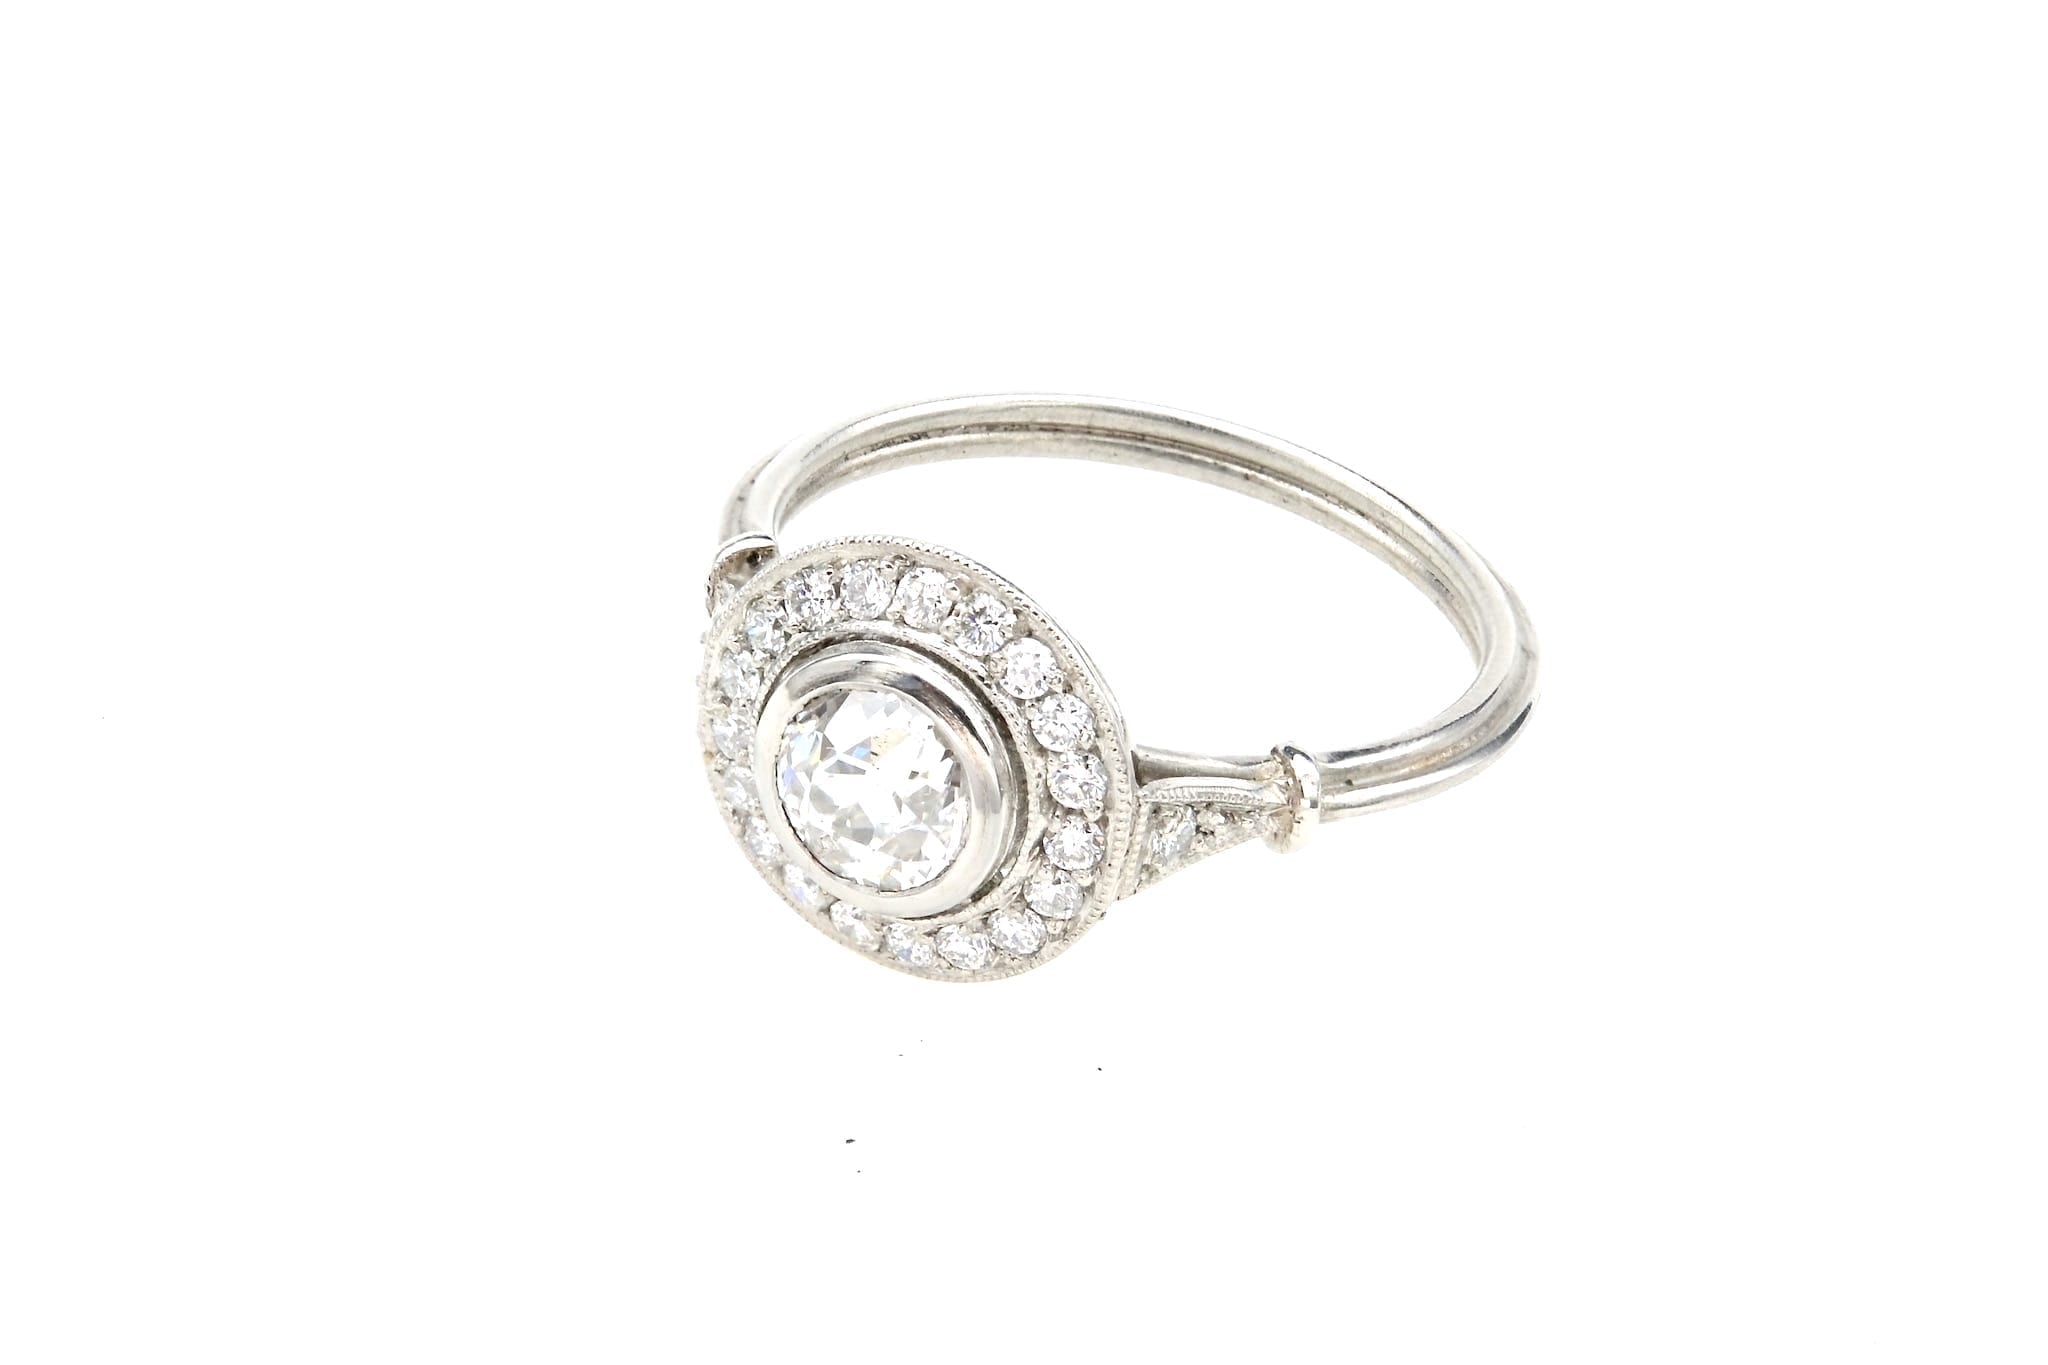 Bague ronde de style ancien diamants en platine